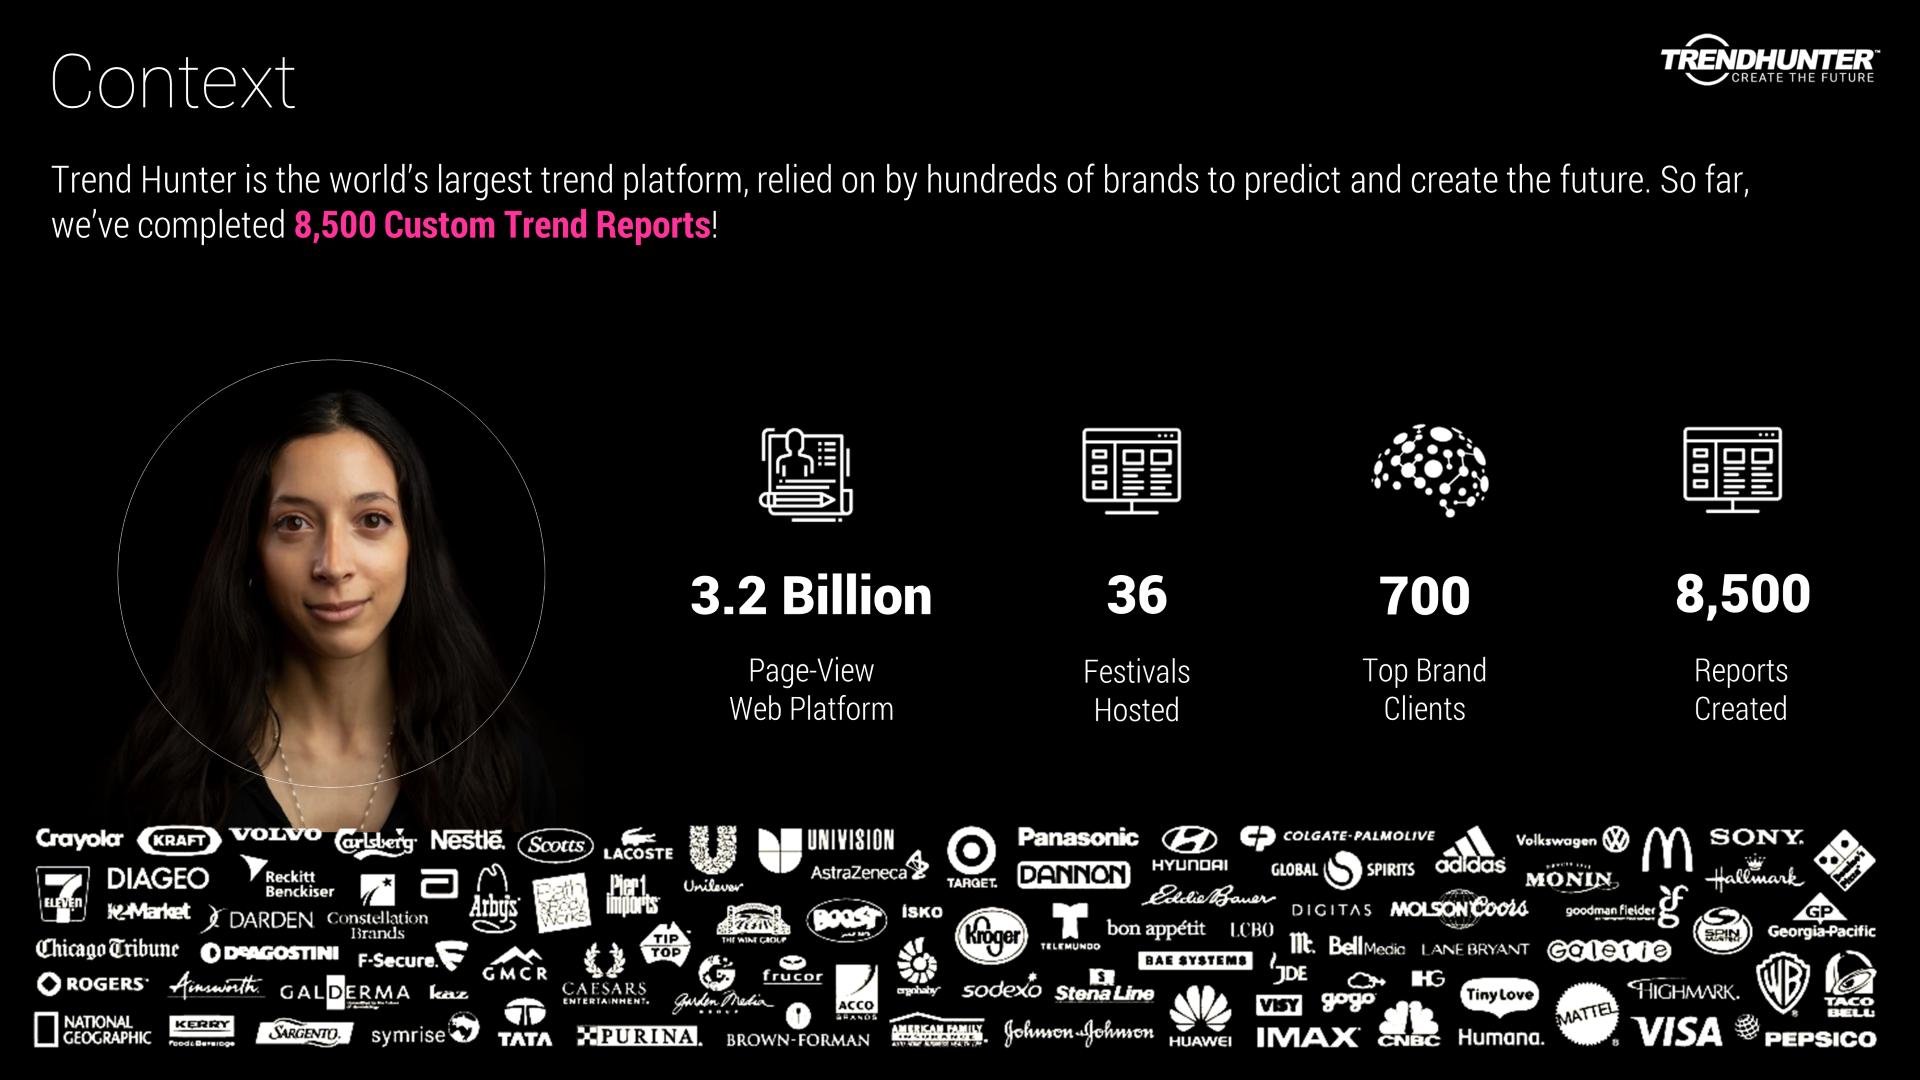 Image Slide: Trend Hunter platform description